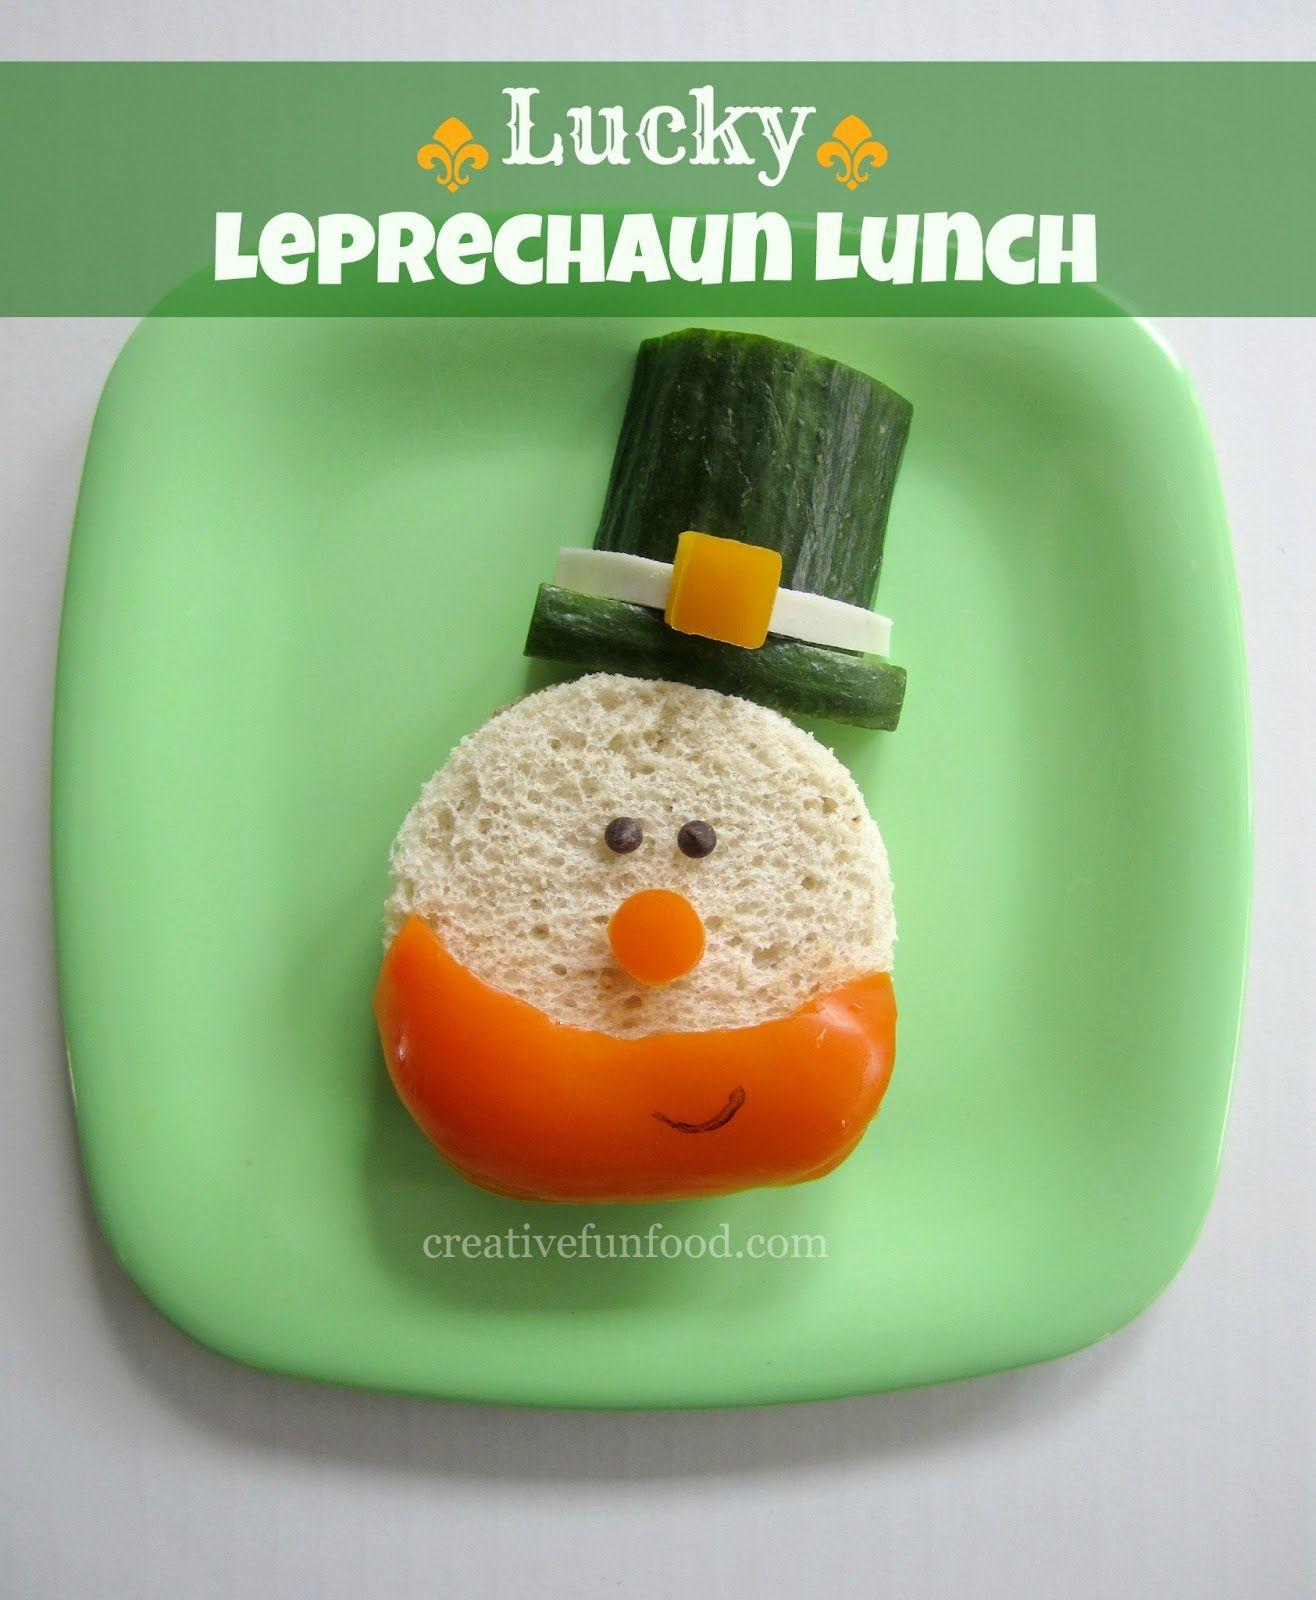 Lucky Leprechaun Lunch creativefunfood.com